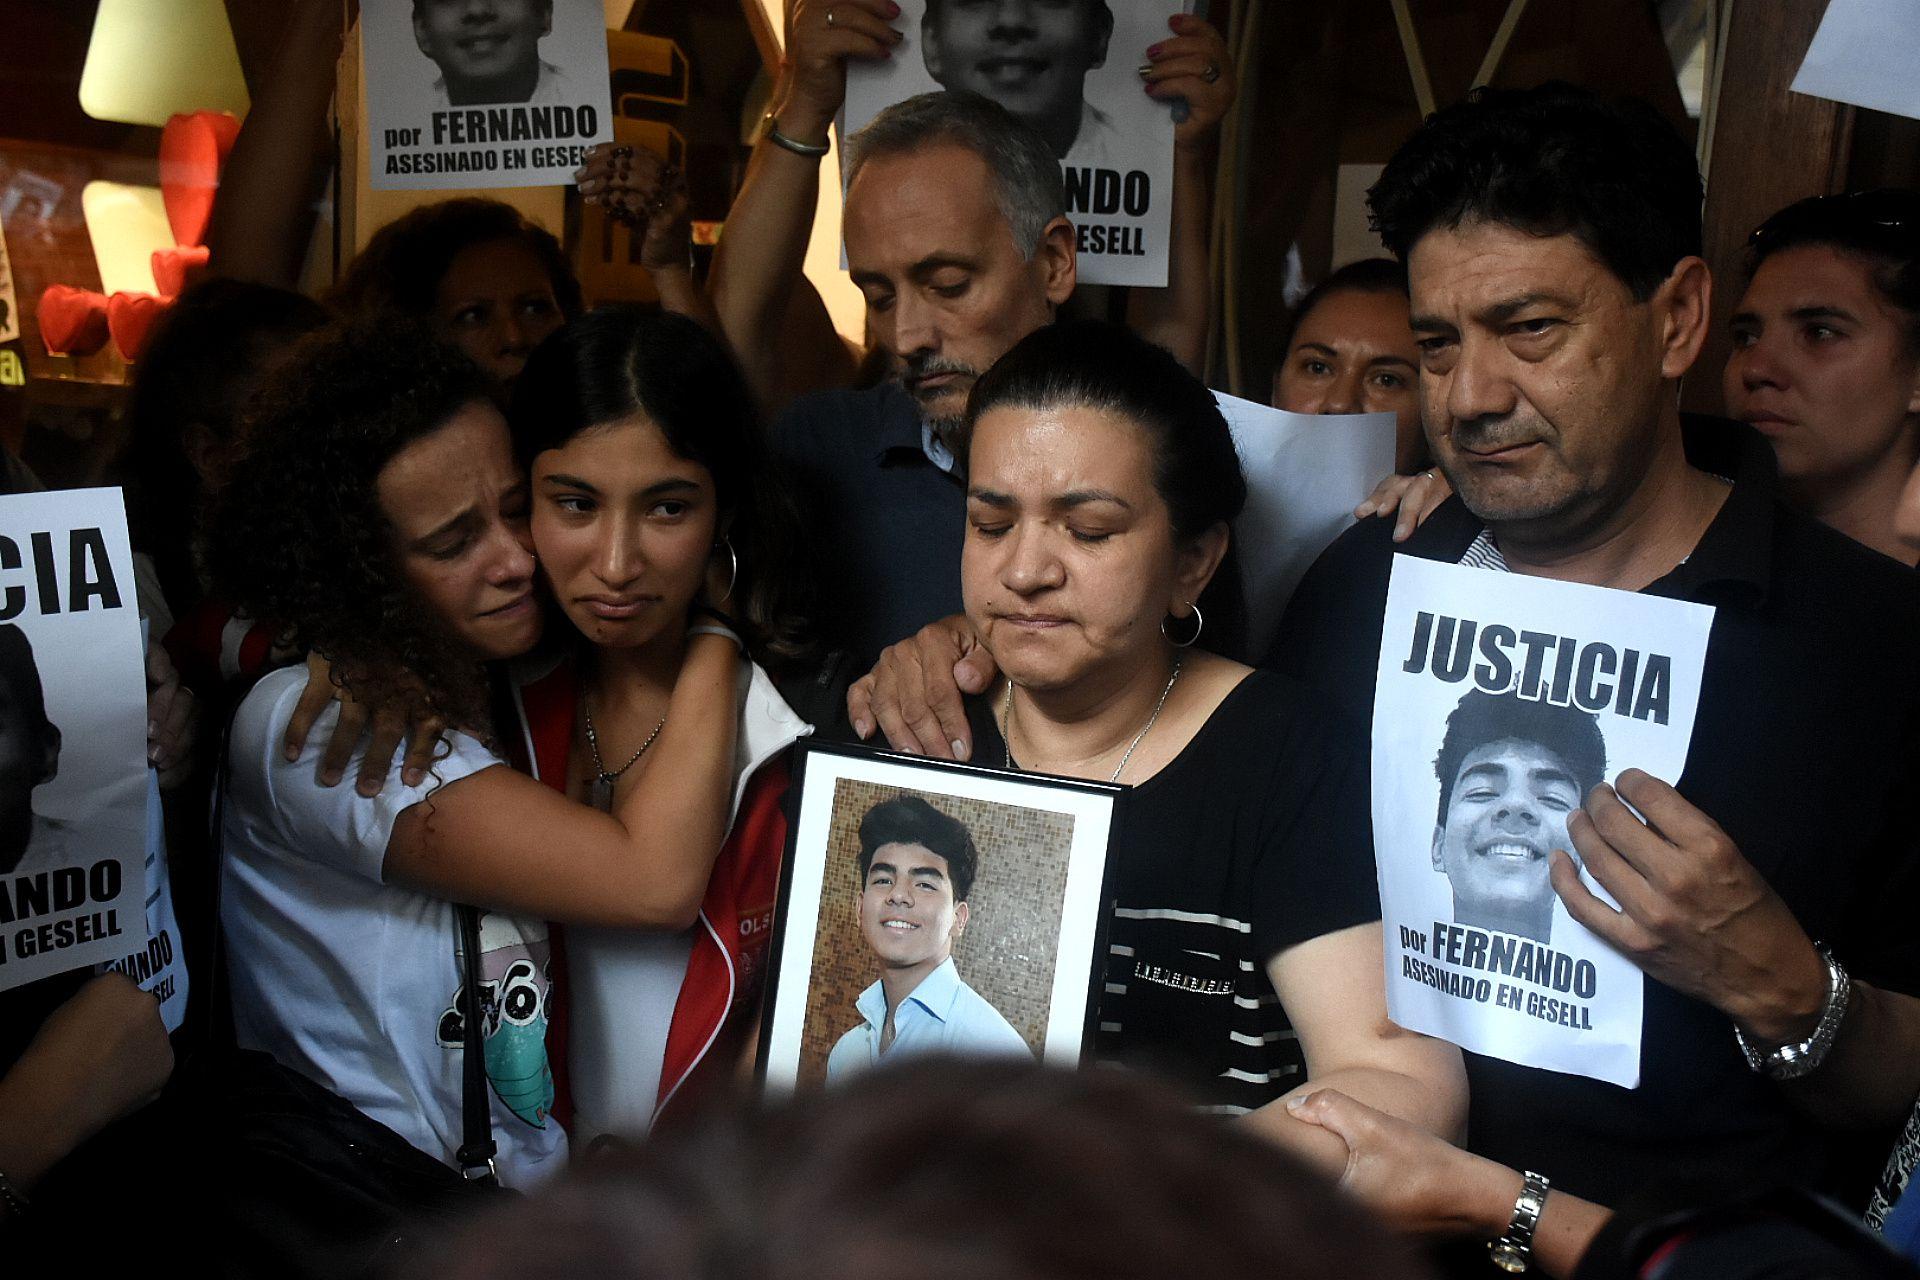 Una de las primeras marchas organizadas por la familia Báez Sosa para pedir justicia por el joven asesinado. (Nicolás Stulberg)